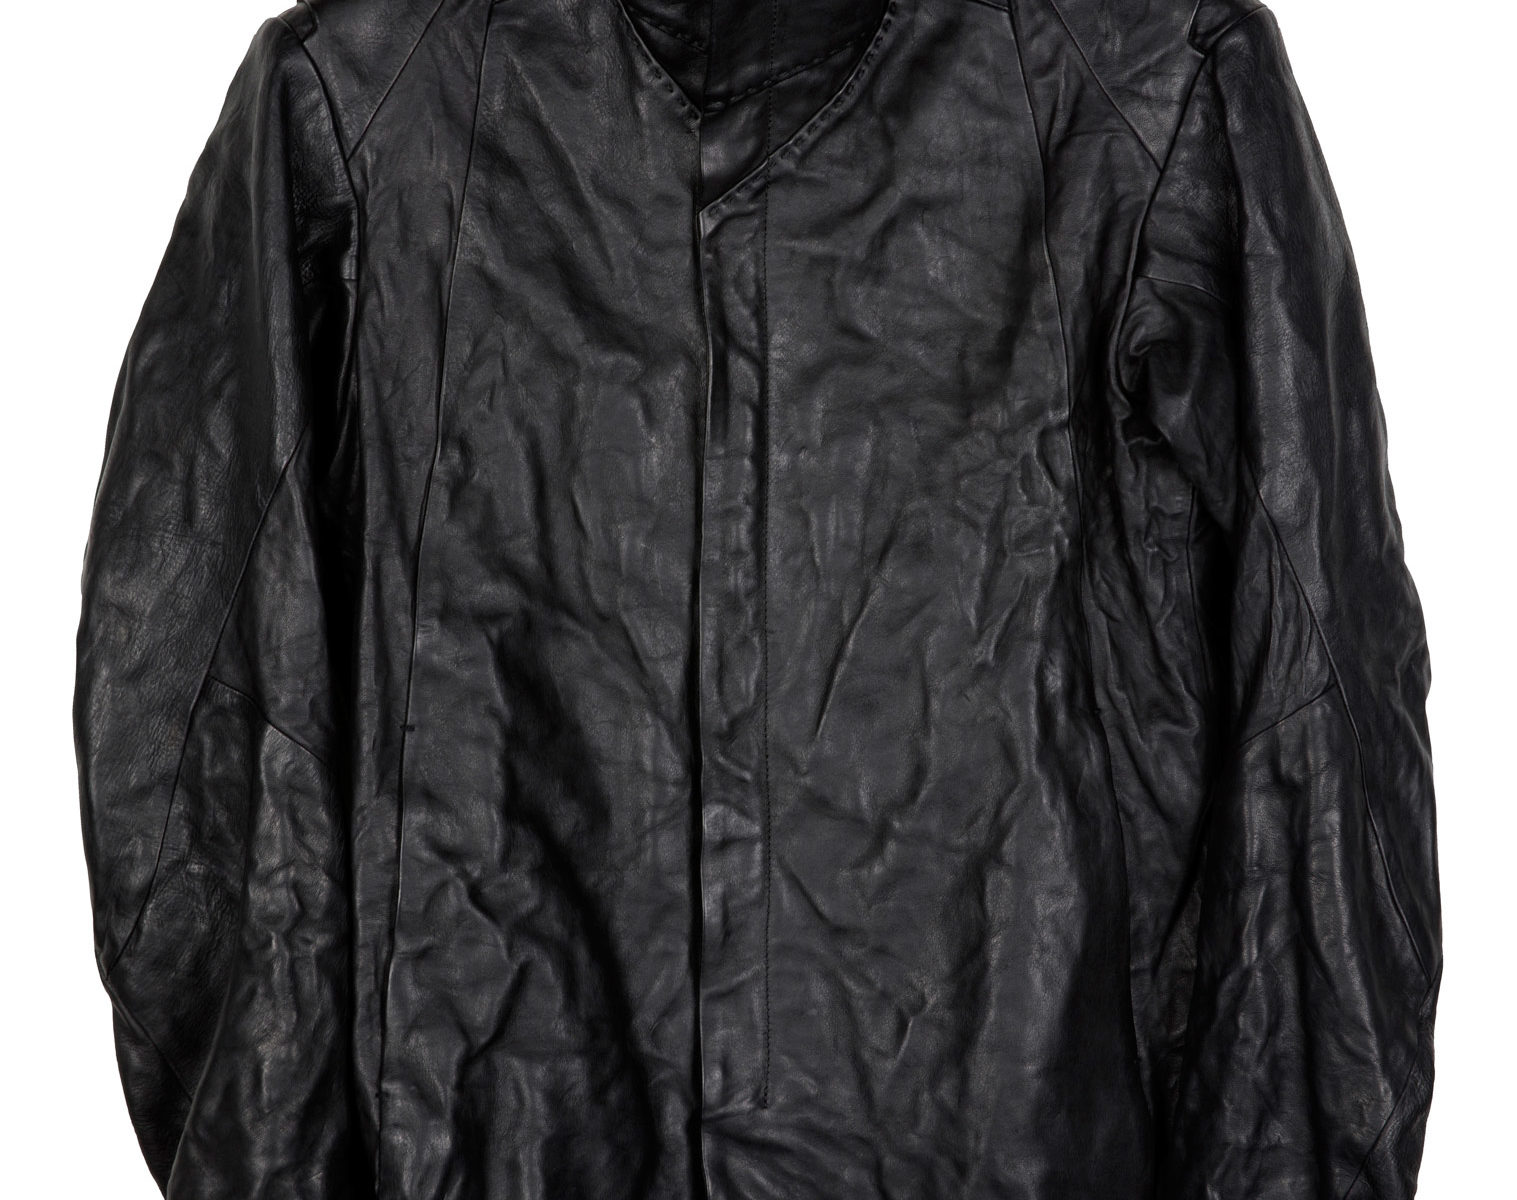 DEVOA Guidi Horse Leather Jacket 1